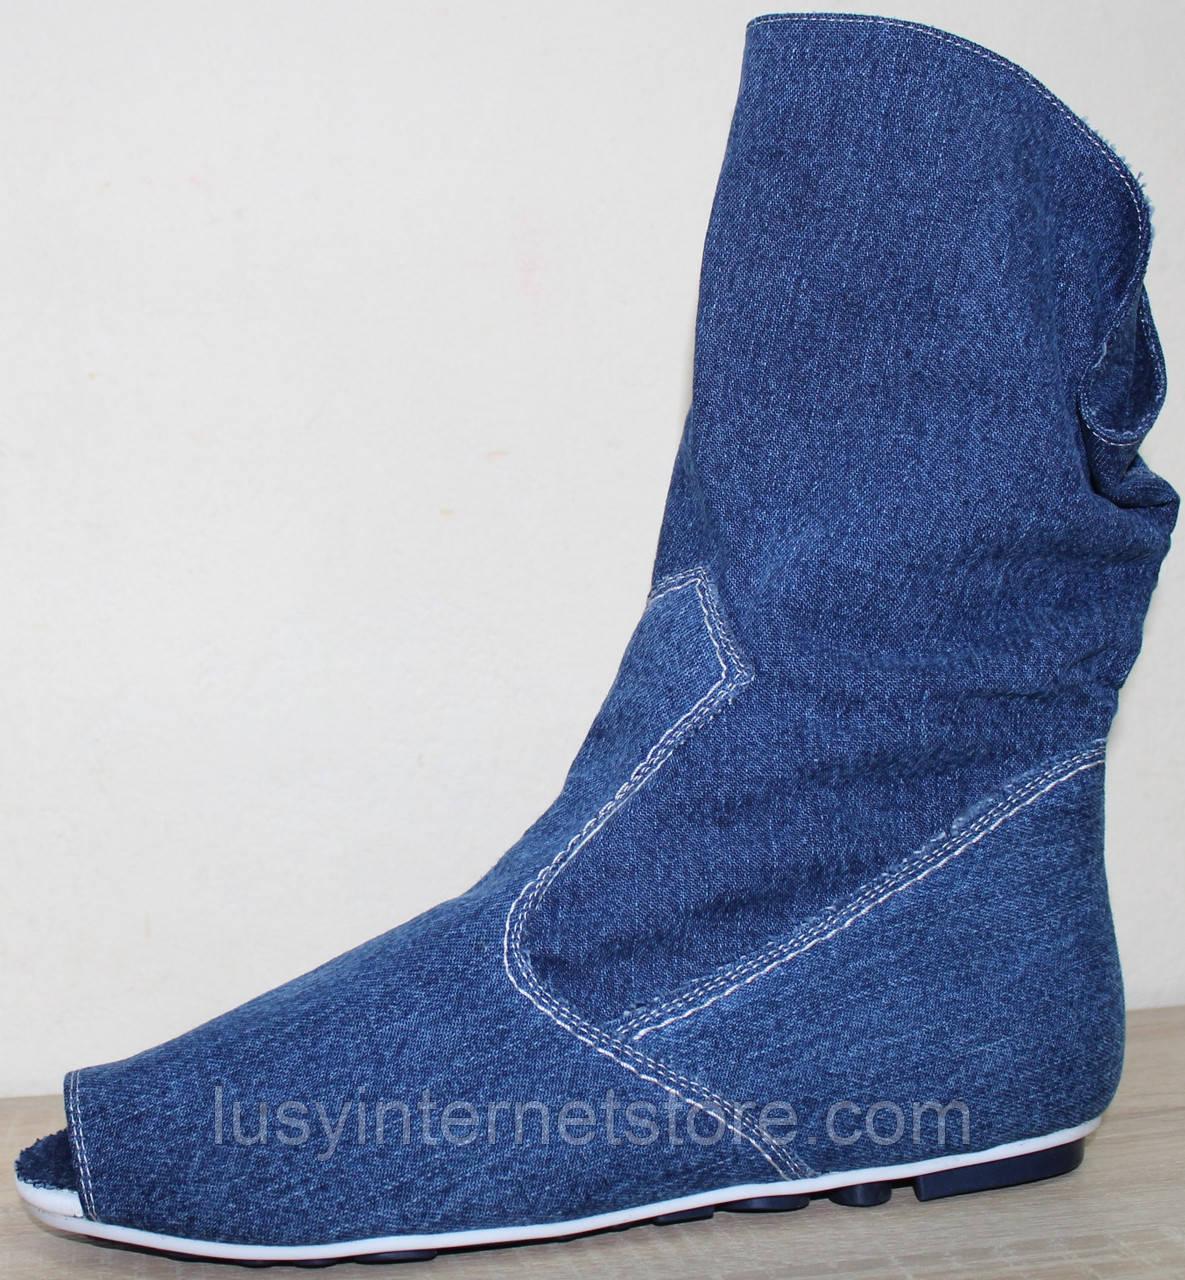 Летние сапоги женские джинсовые больших размеров от производителя модель МИ4067-6Р